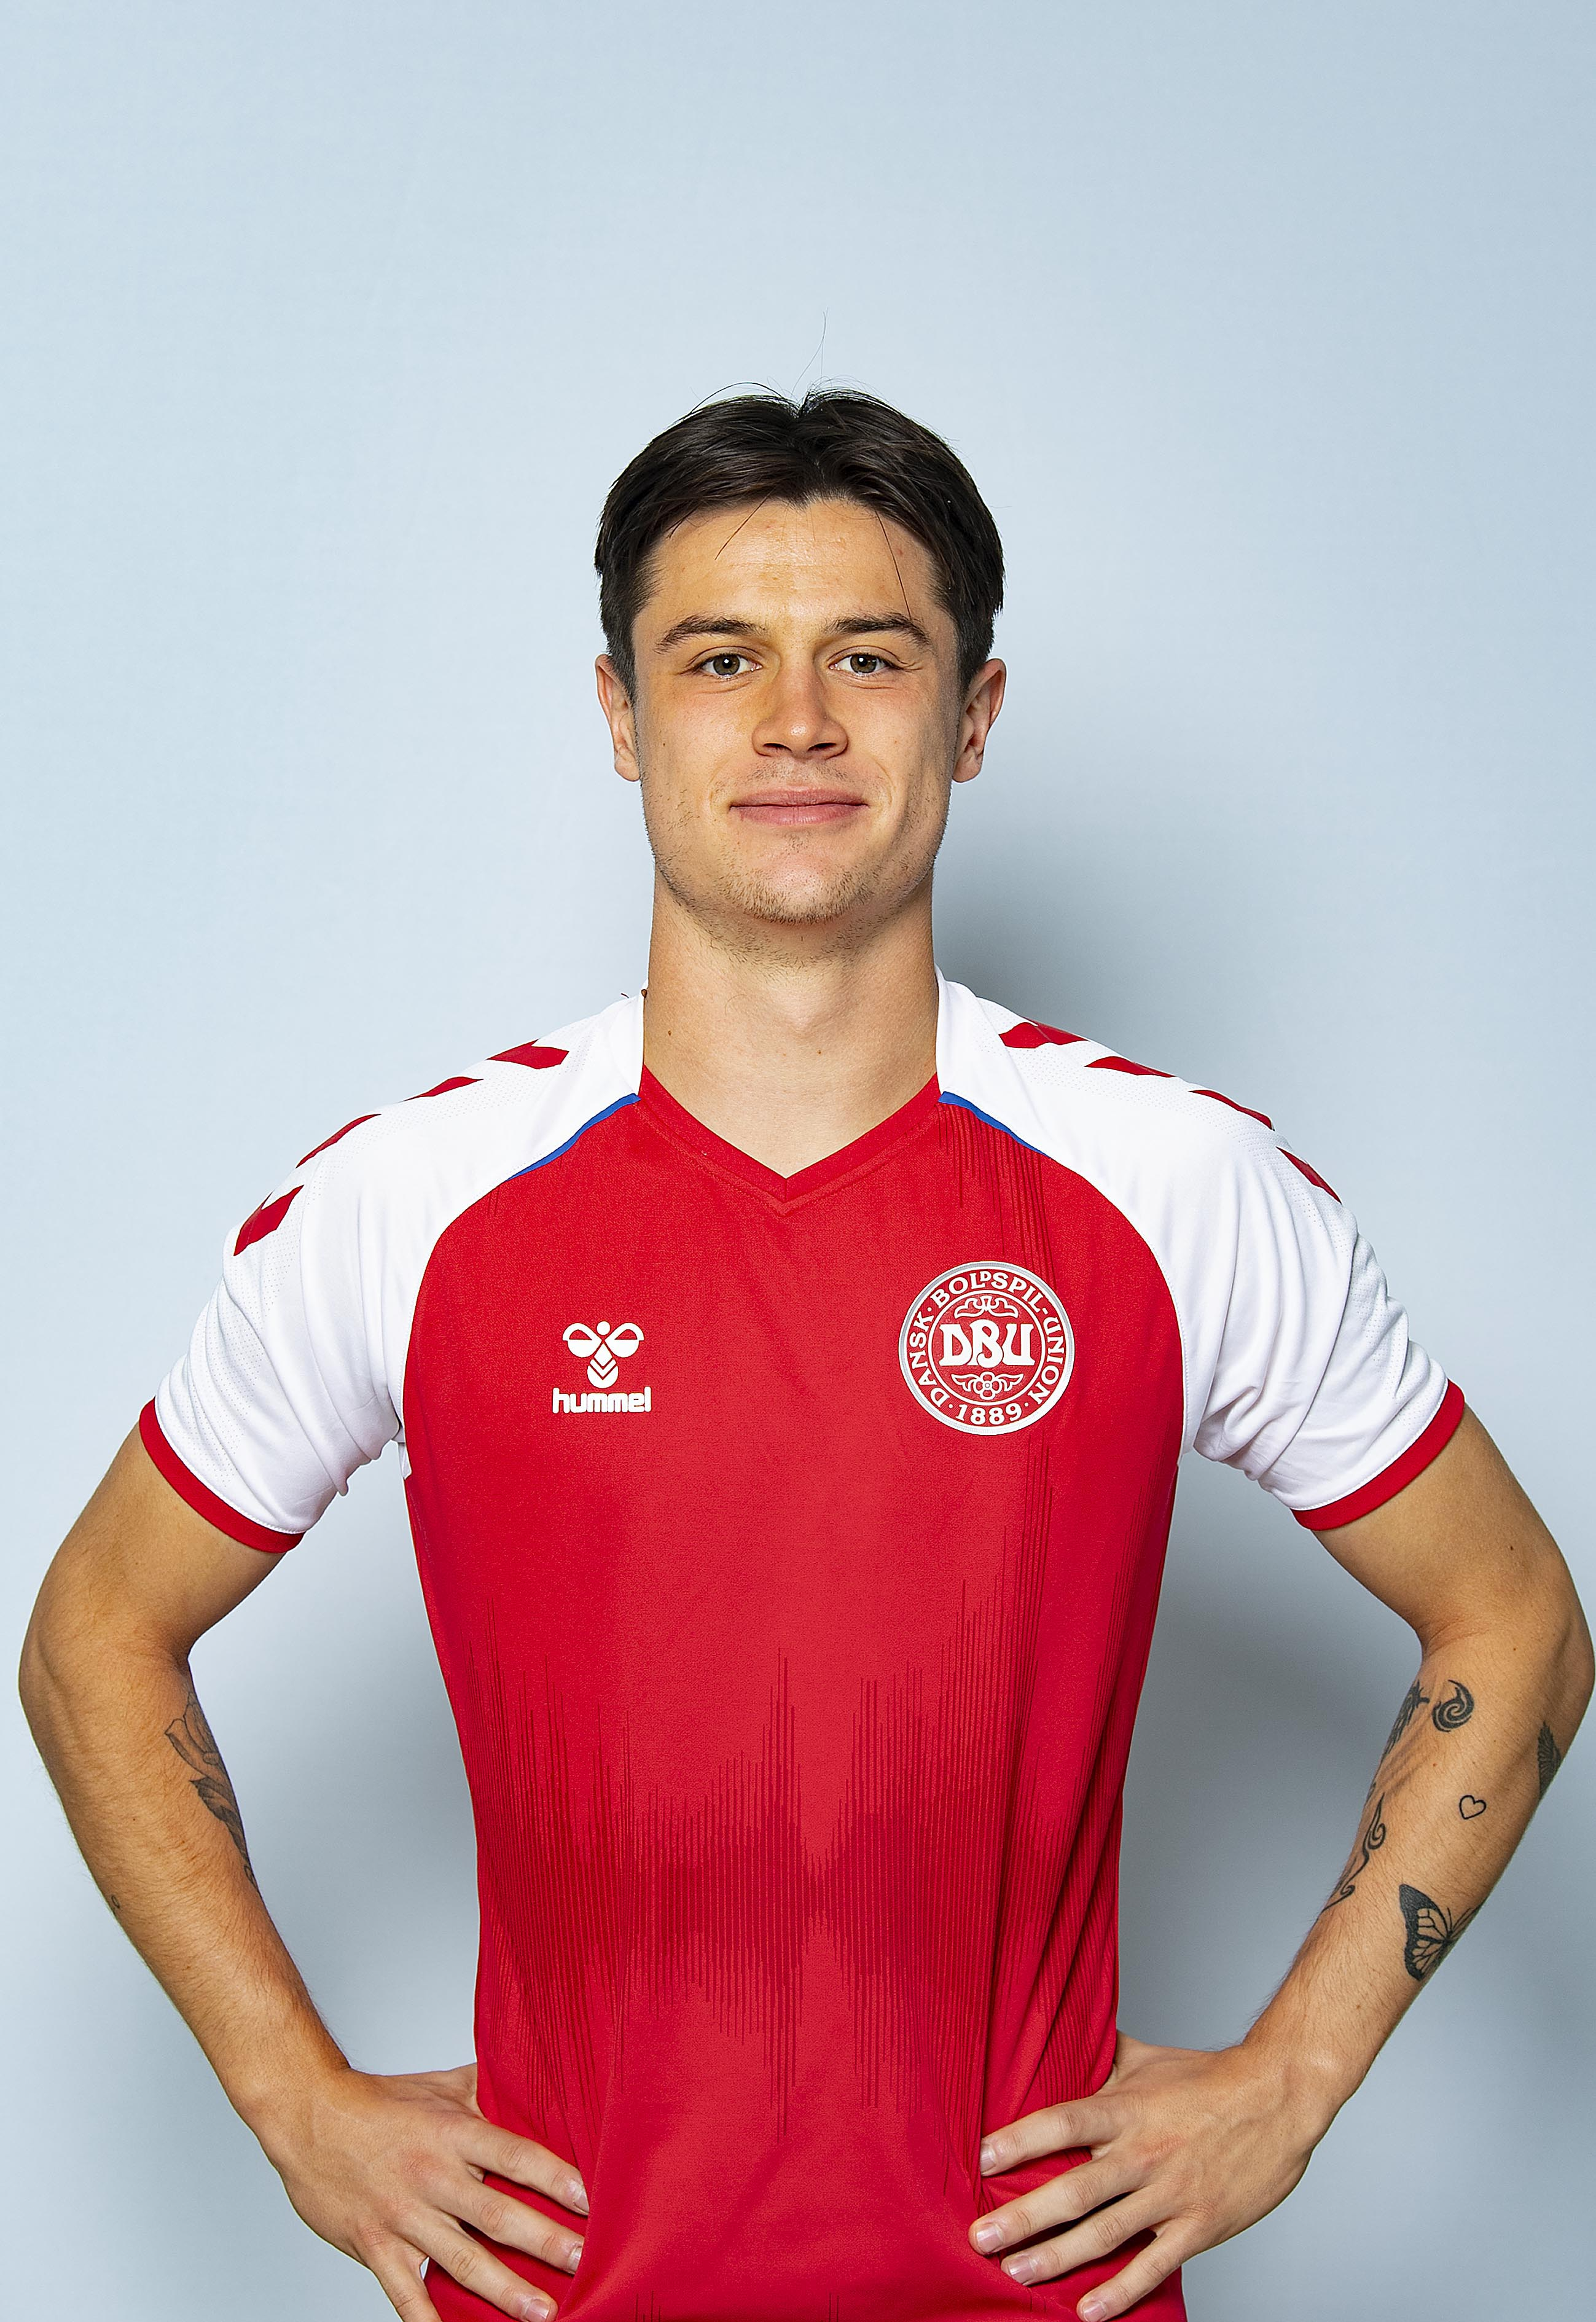 Oliver Villadsen